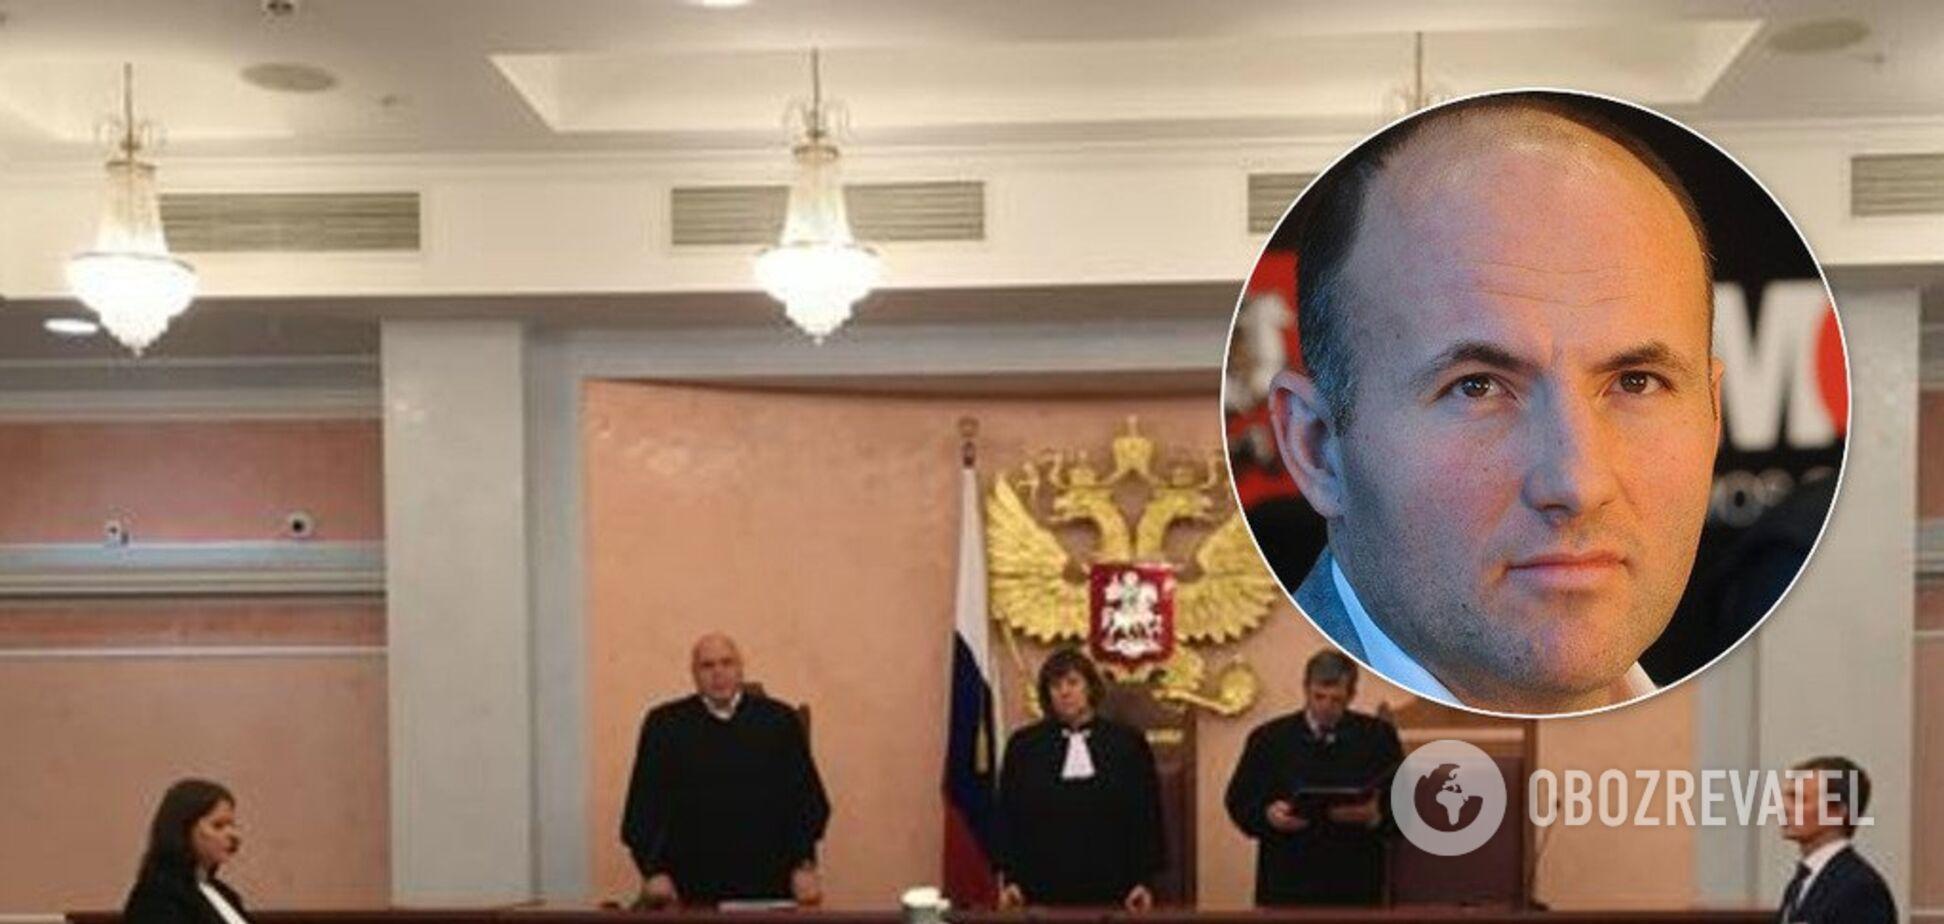 'Ущерб на 14 млрд': Россия раскрыла новые подробности по делу олигарха Фукса